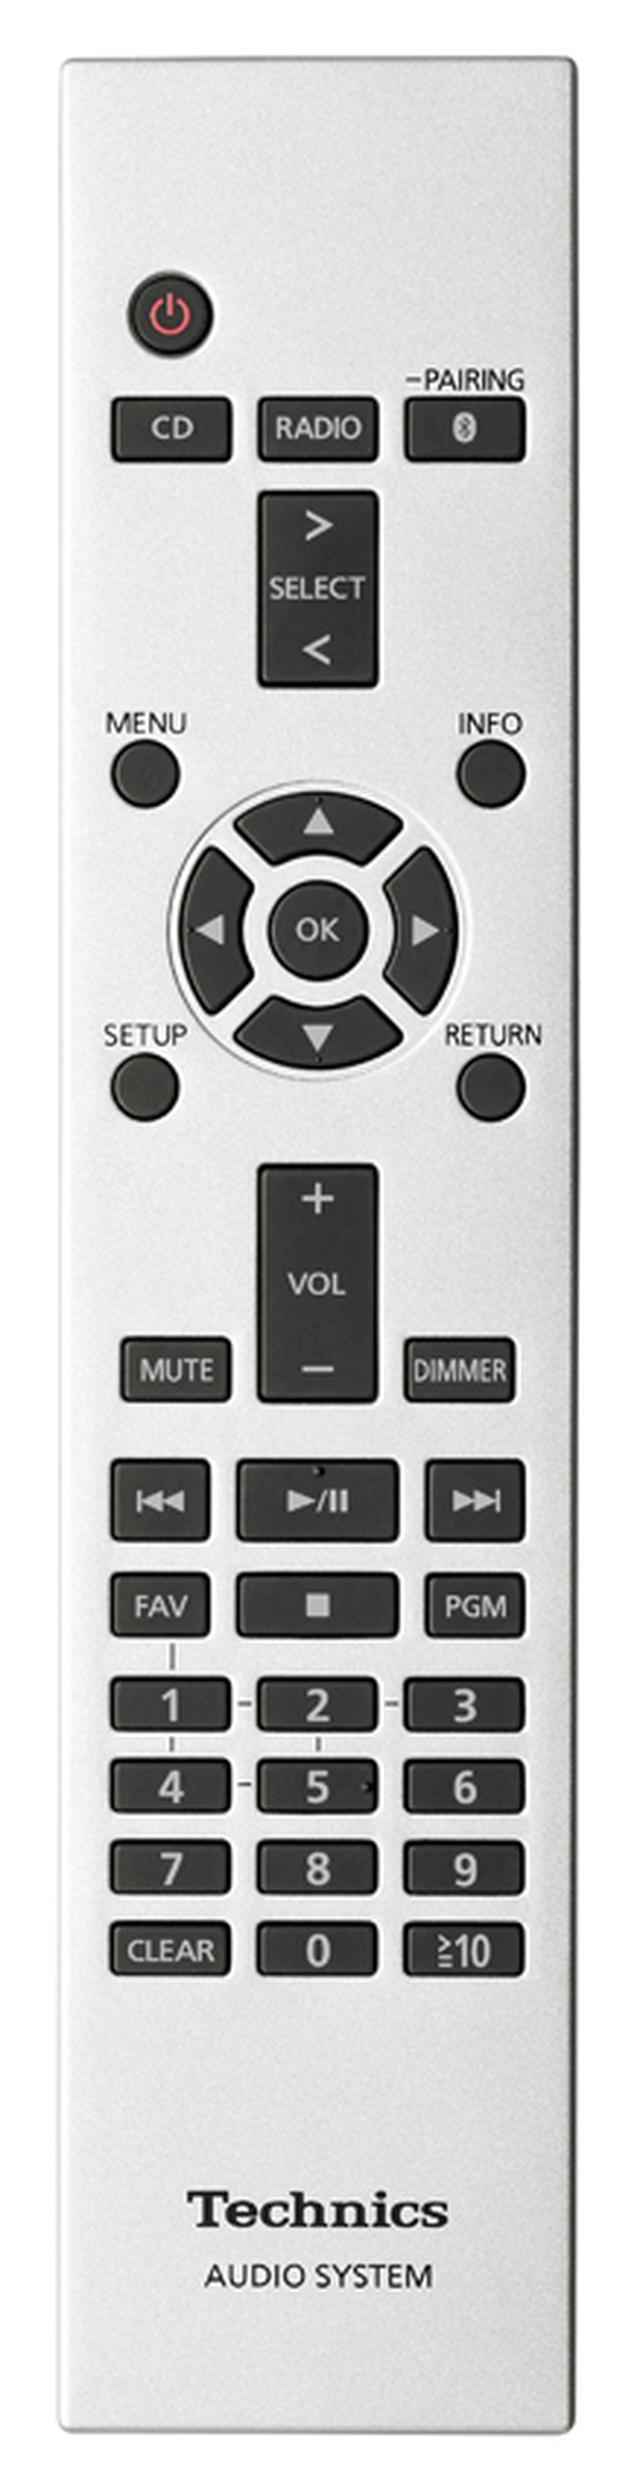 画像: ボタン配置を工夫し、基本操作が手軽に行える付属のリモコン。設定もしやすい。